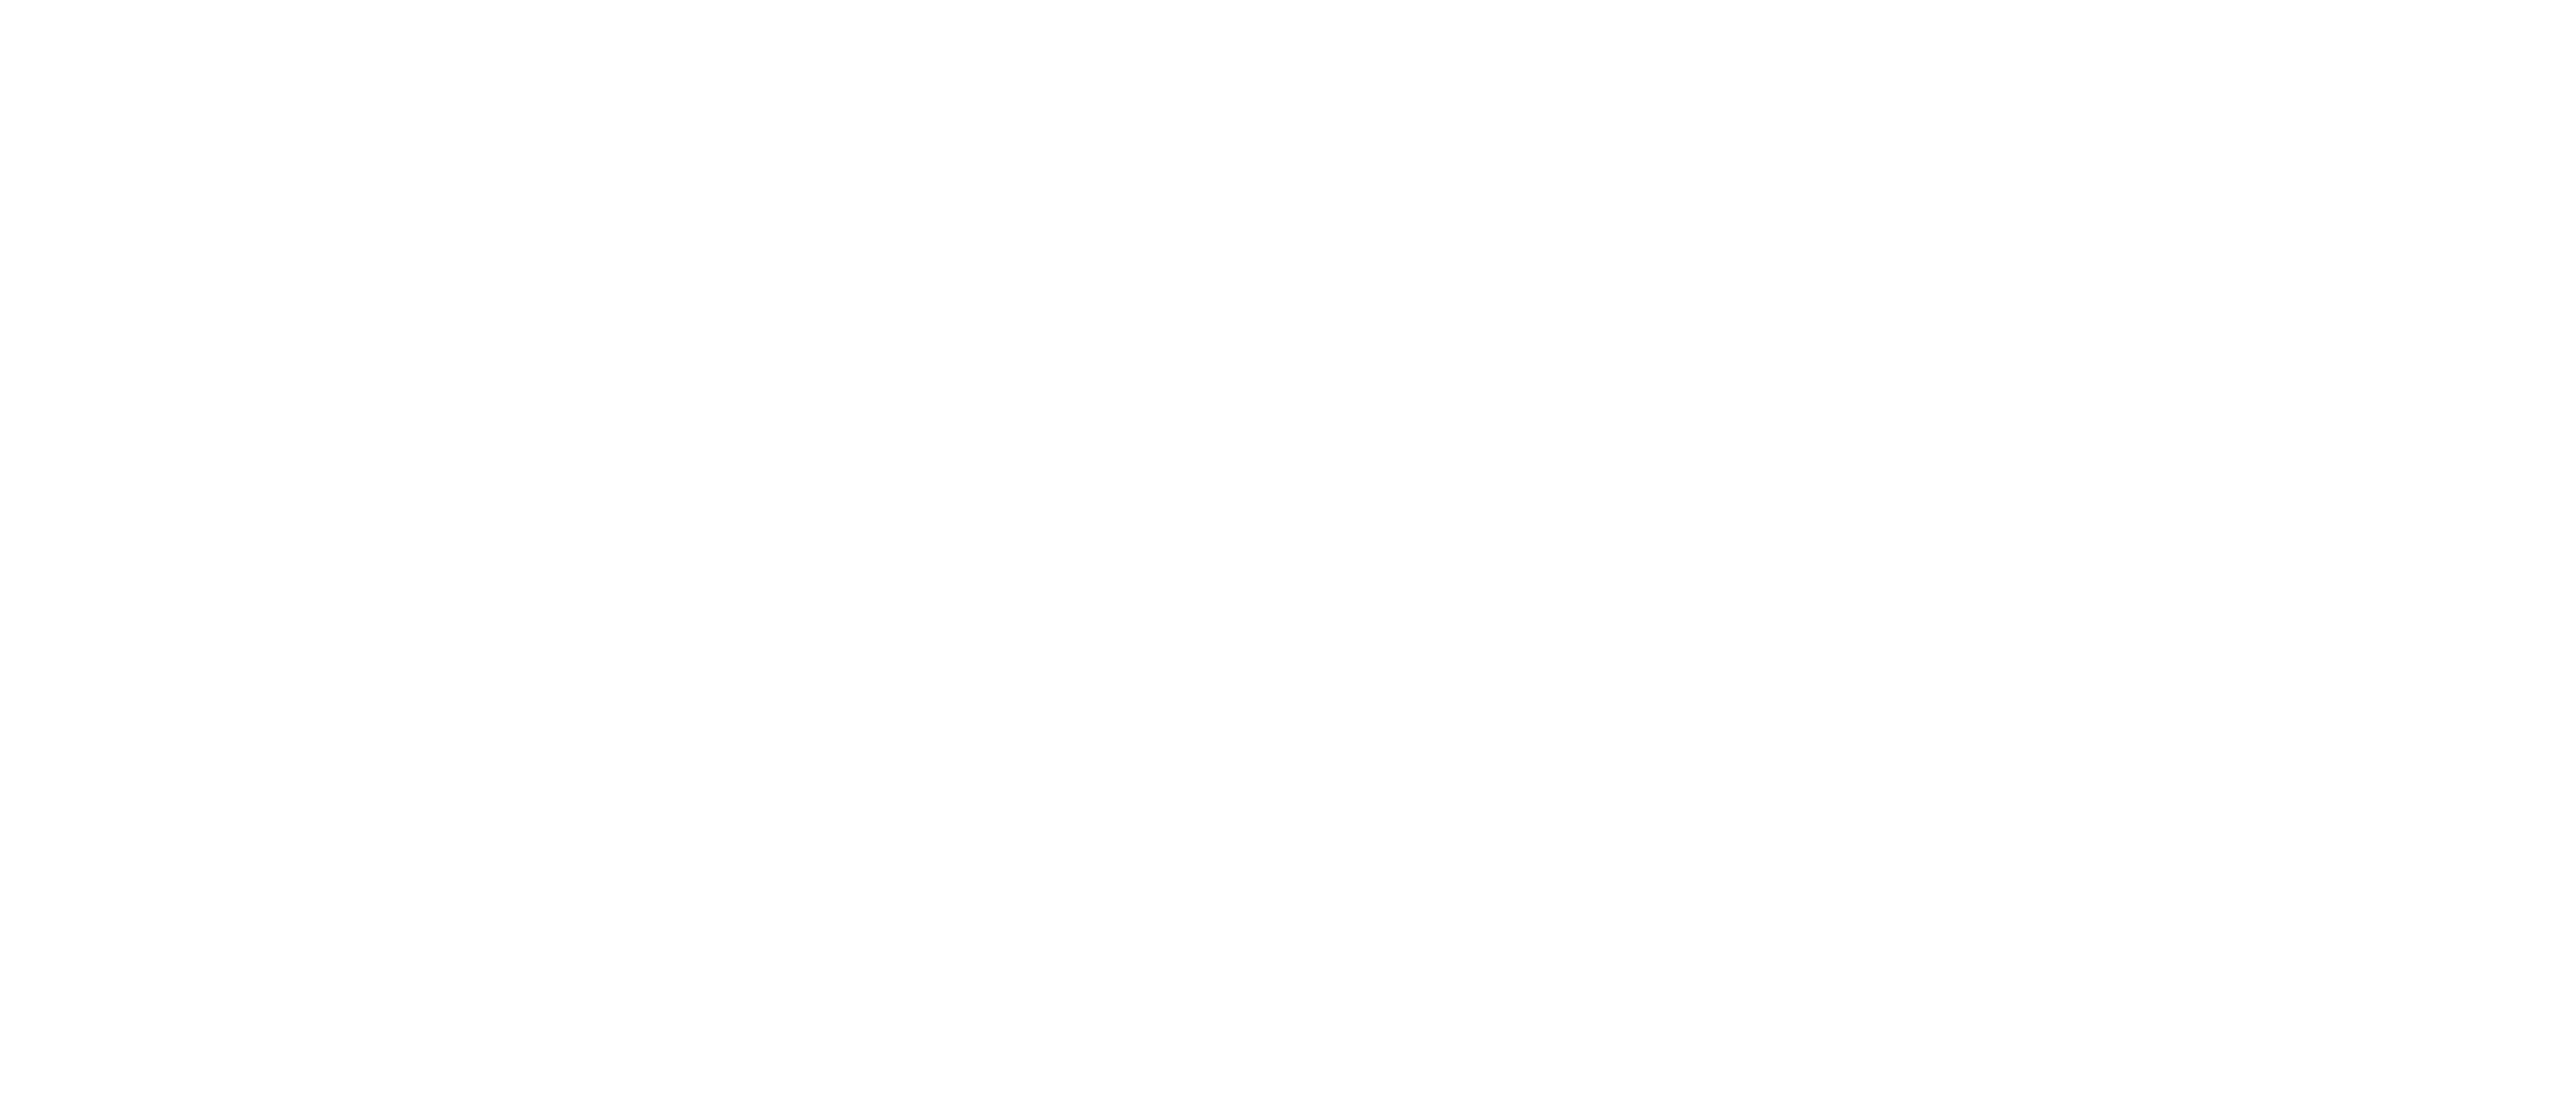 Arquidiocese de Manaus